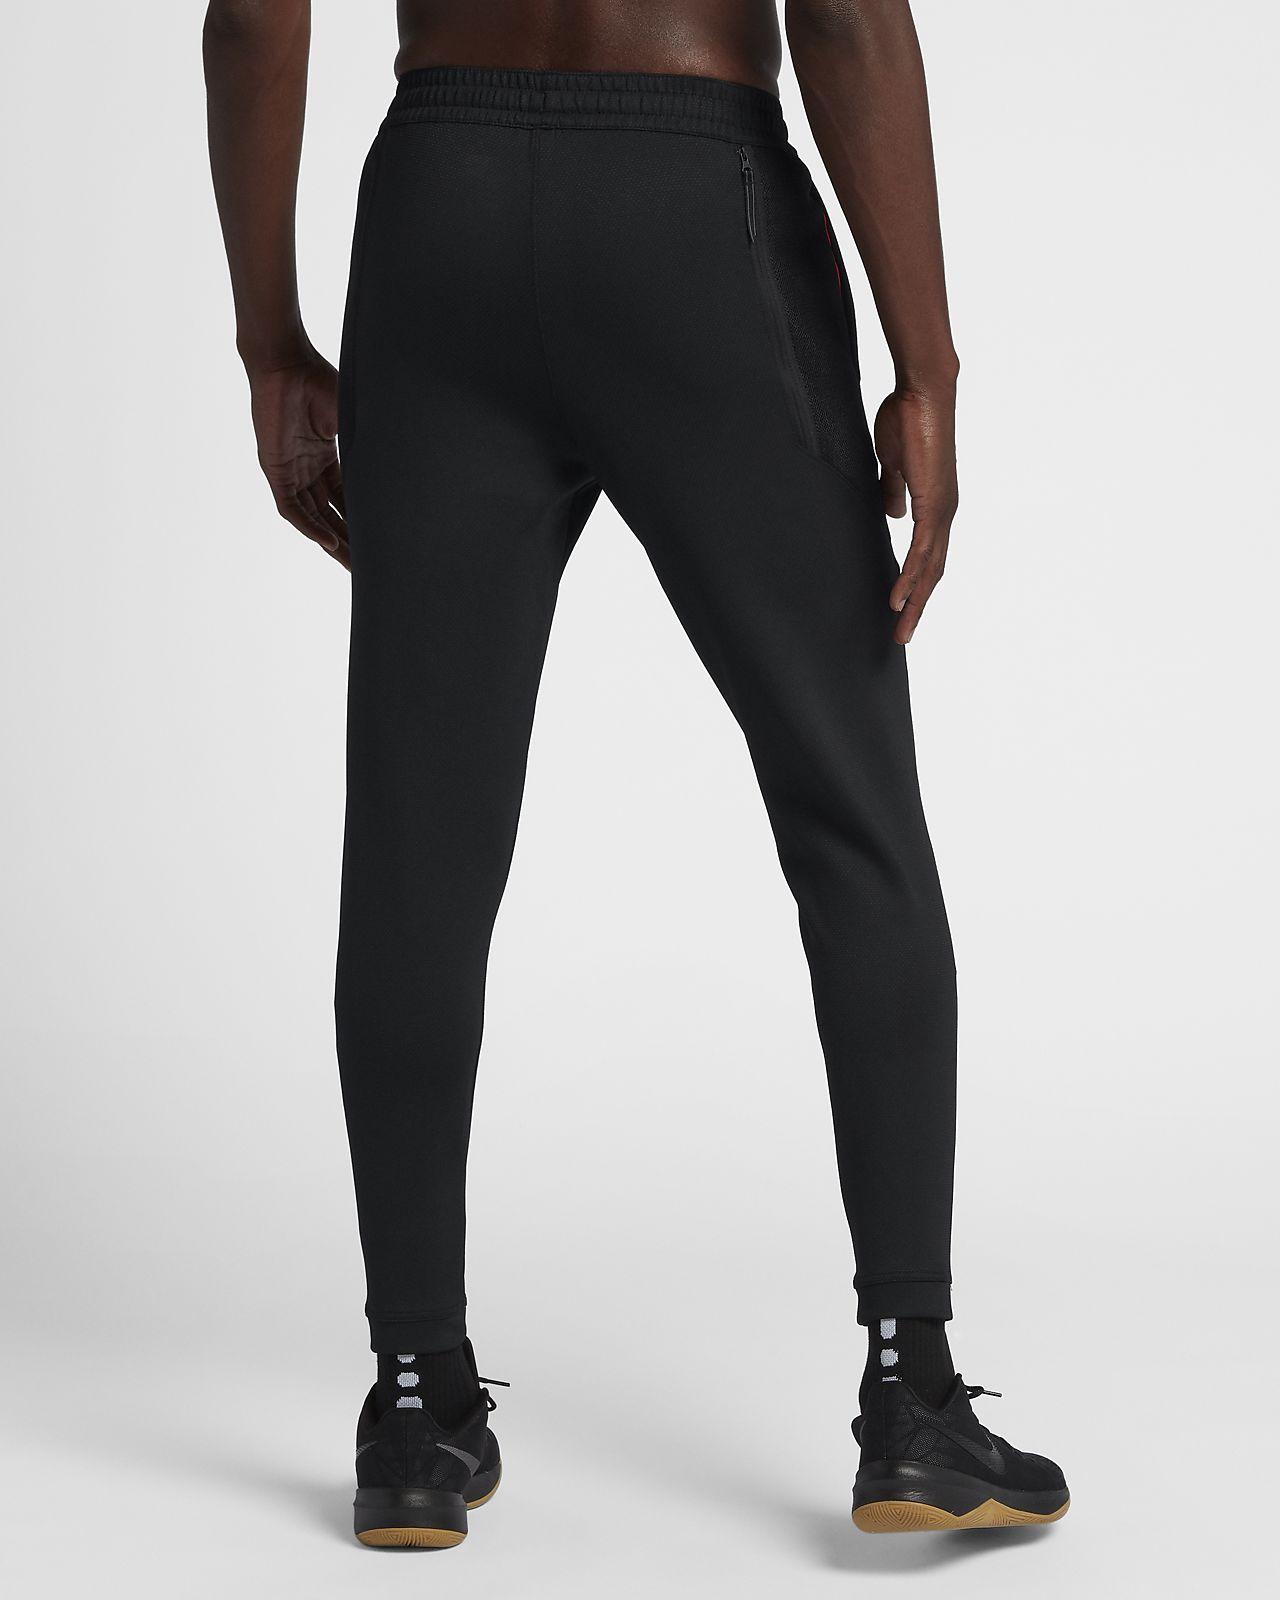 37d0e13fc2e4 Nike Therma Flex Showtime Men s Basketball Pants. Nike.com